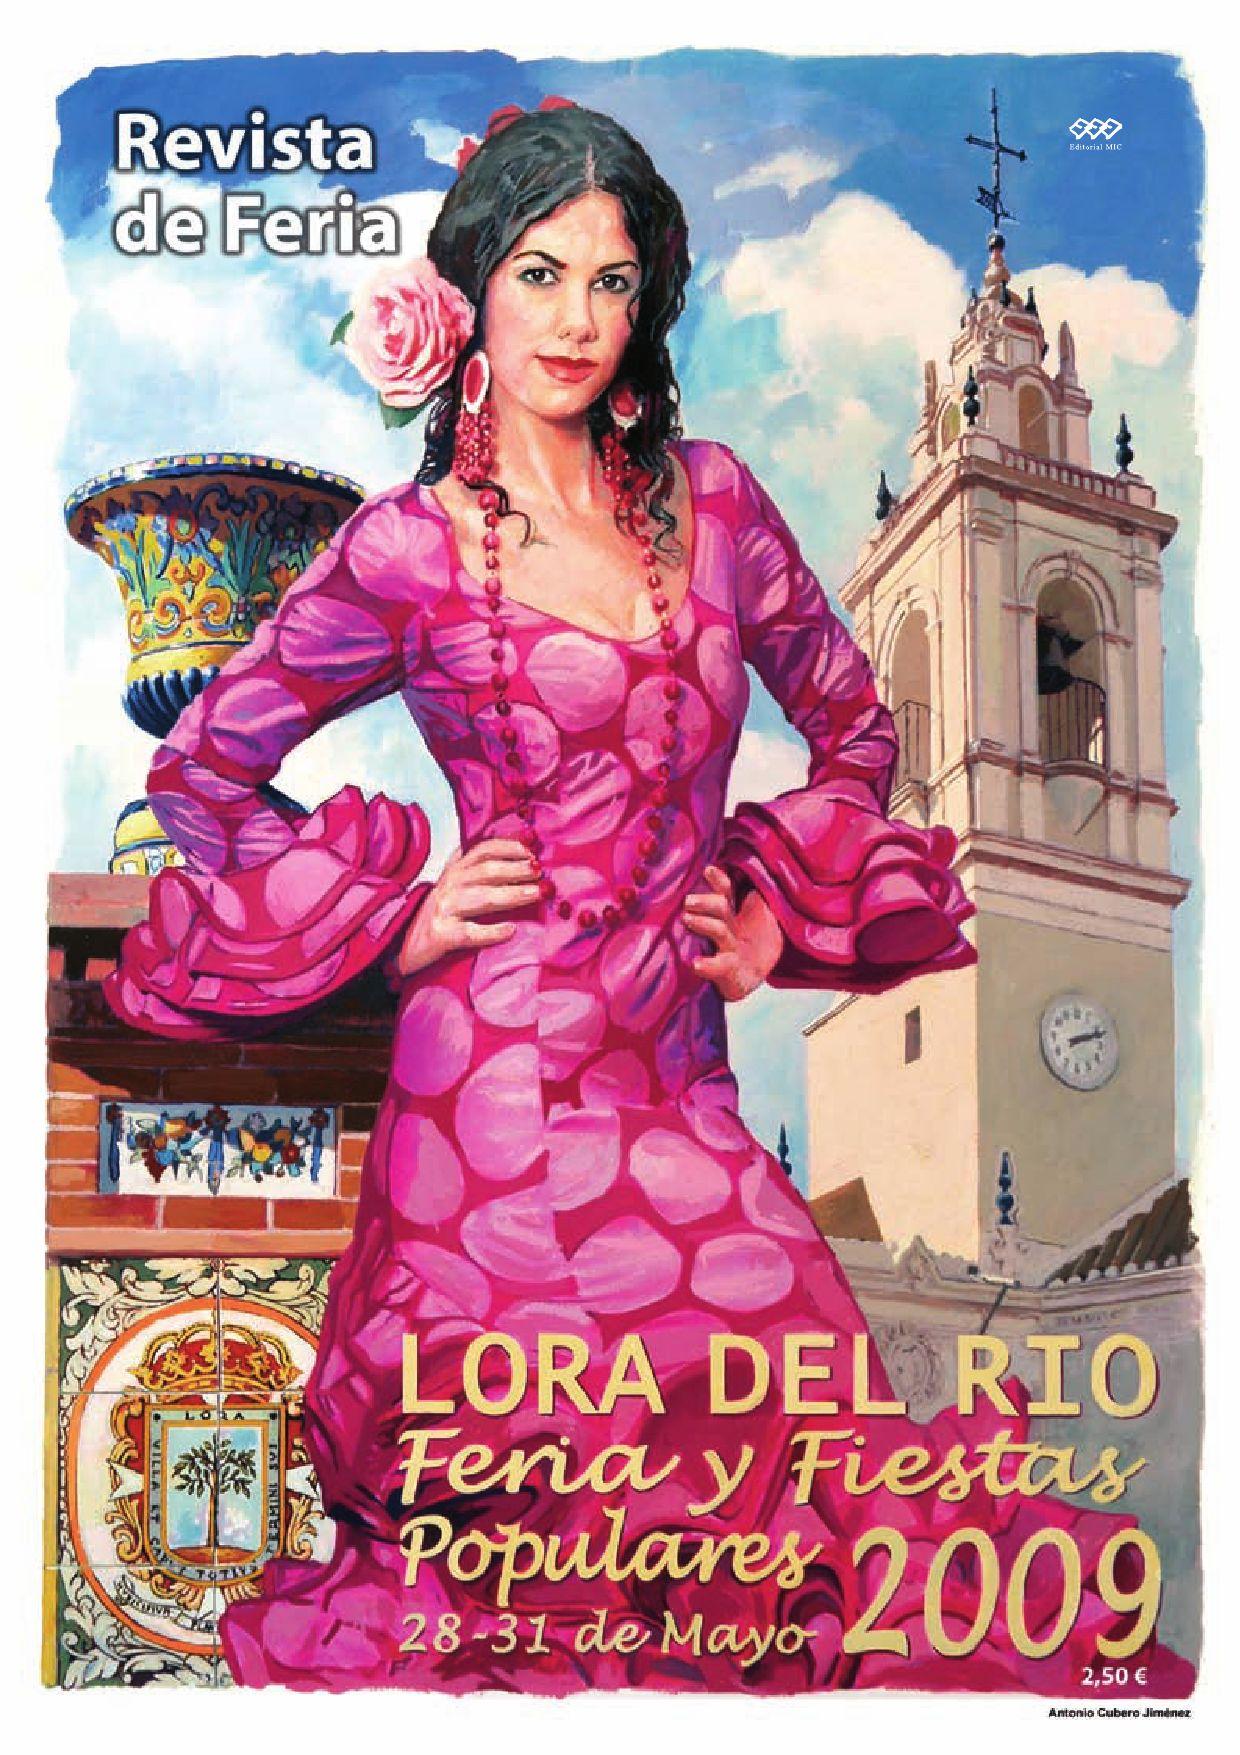 Revista de Feria de Lora del Río 2009 by Concejalía de Ciudadanía y ...